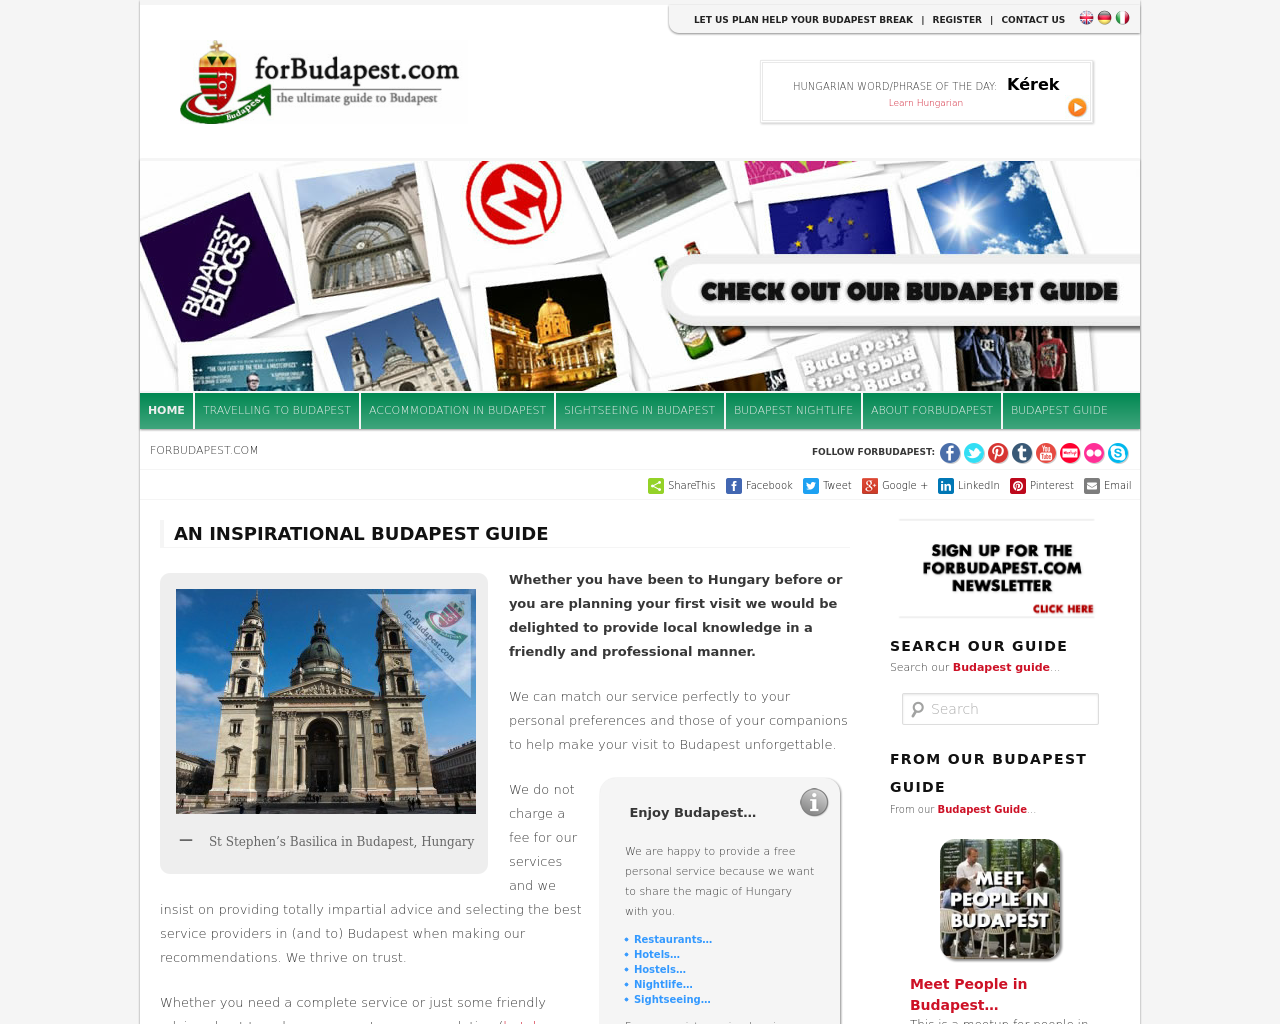 ForBudapest.com-Advertising-Reviews-Pricing